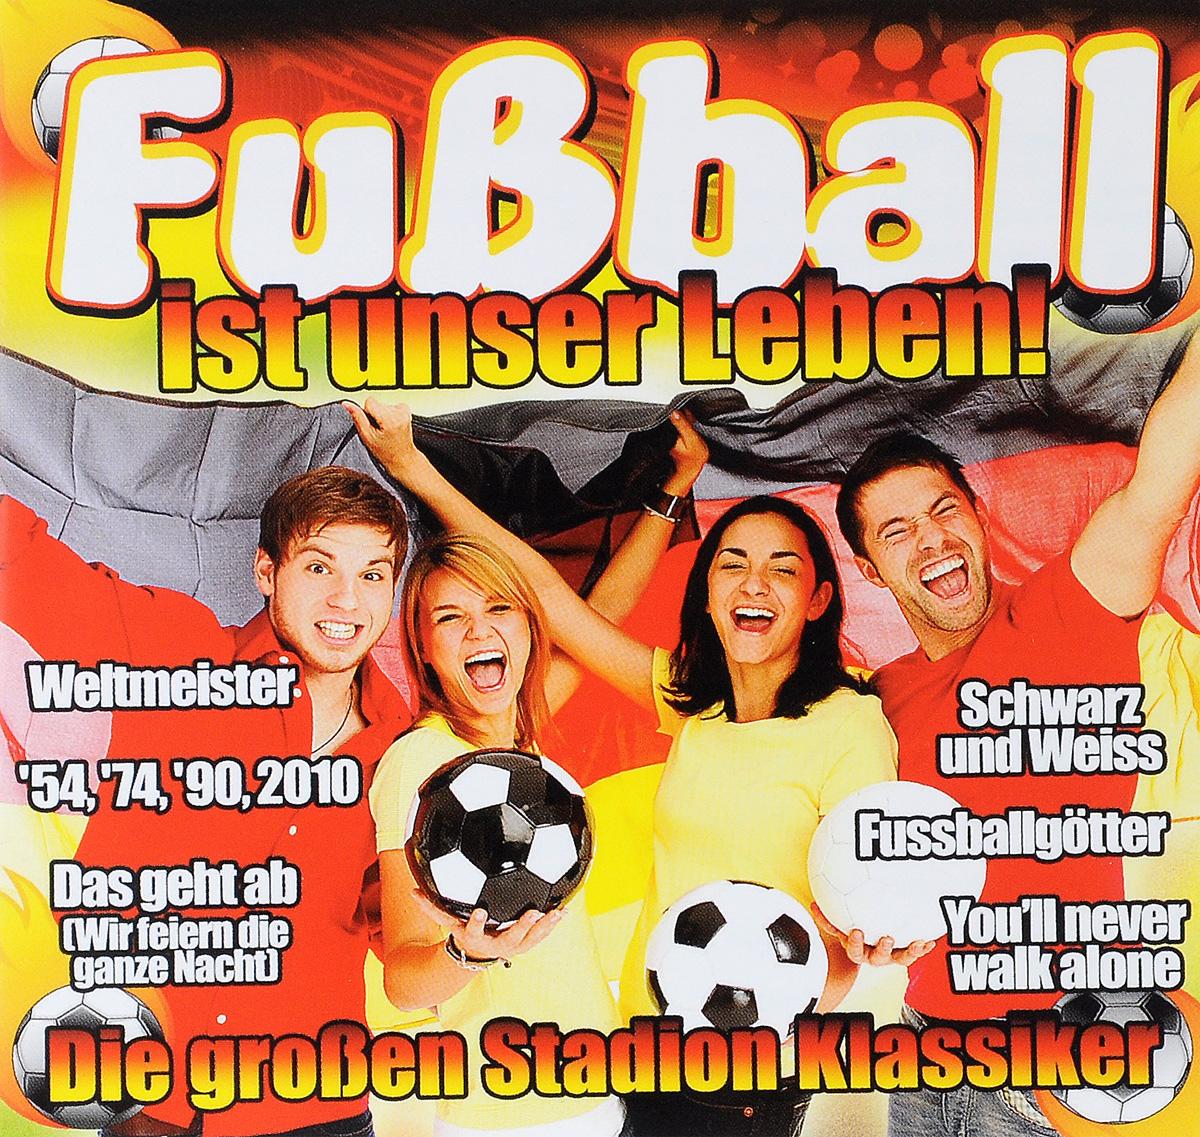 Dj Zwanziger Fussball Ist Unser Leben. Die Grossen Stadion Klassiker manije grayli unser leben unsere wahl